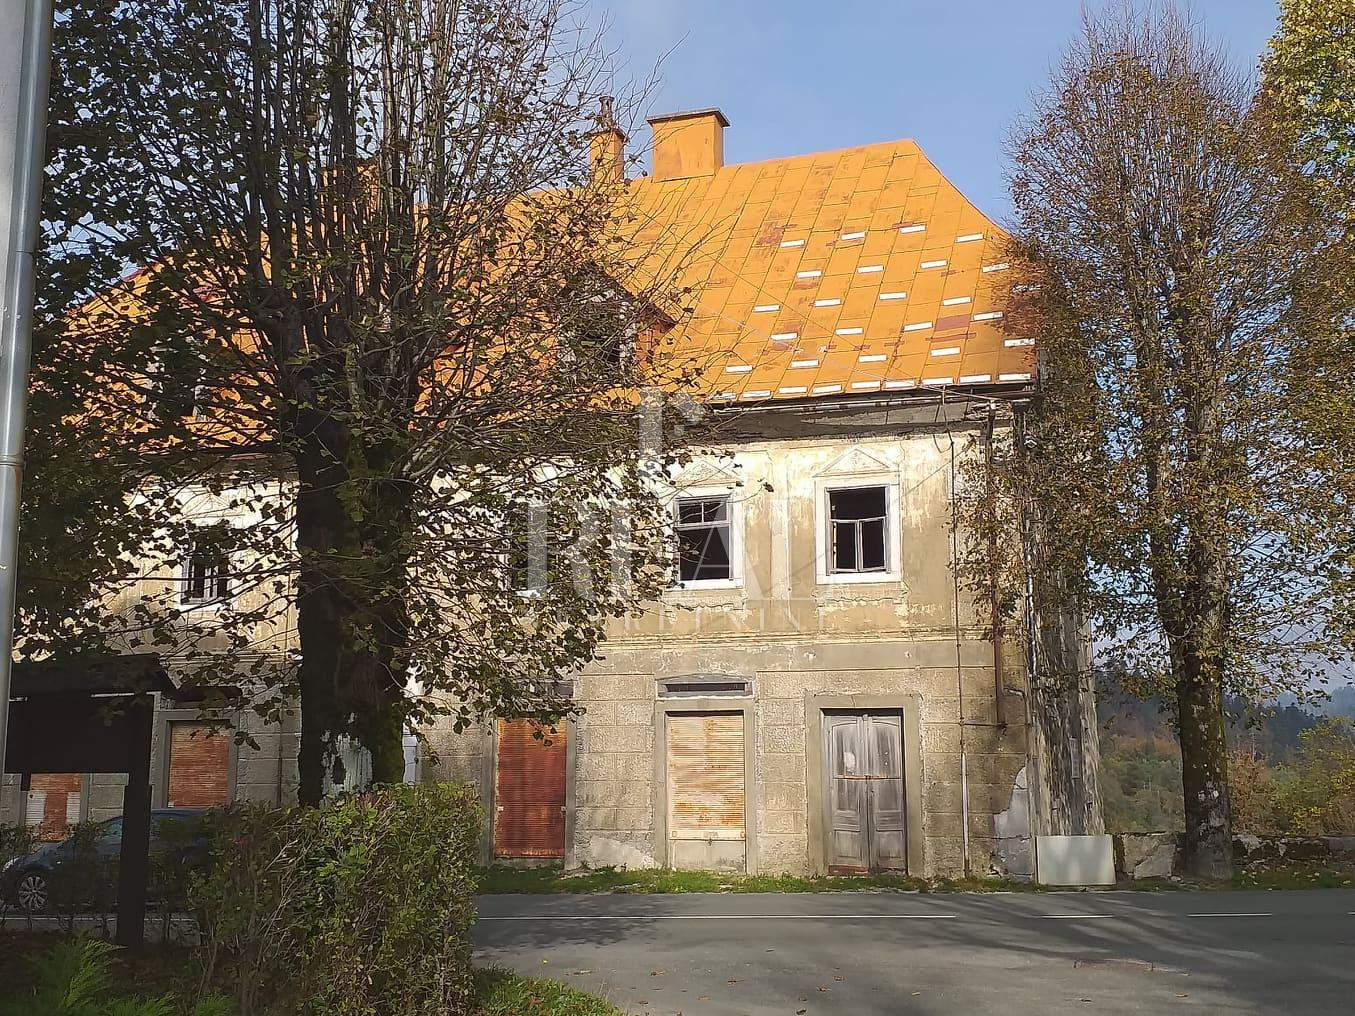 Prodaja kuće za kompletnu adaptaciju u Fužinama  912m2